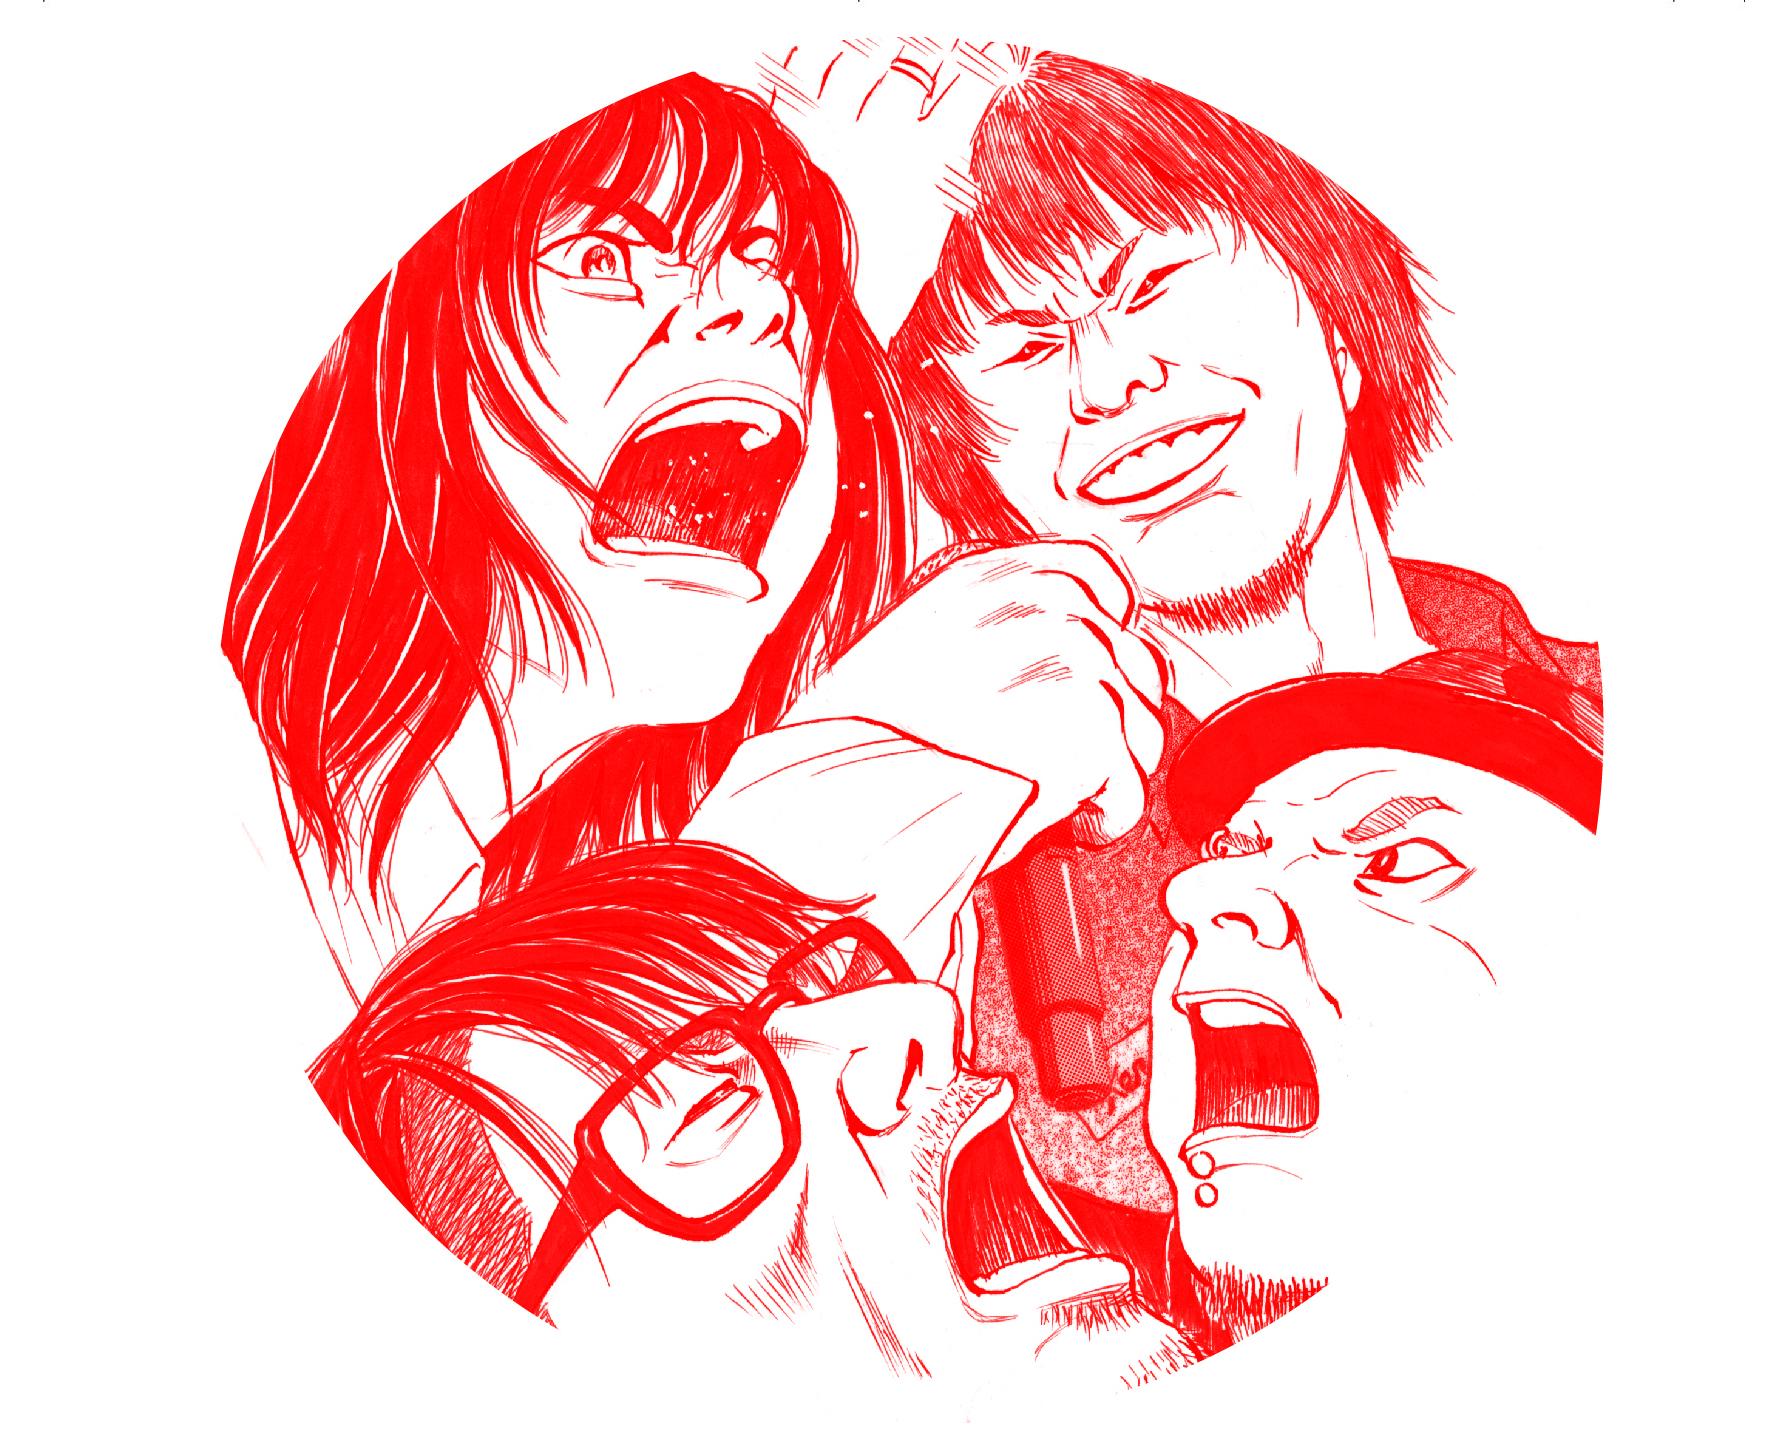 『宮本から君へ』原作者が宮本浩次らを描き下ろし